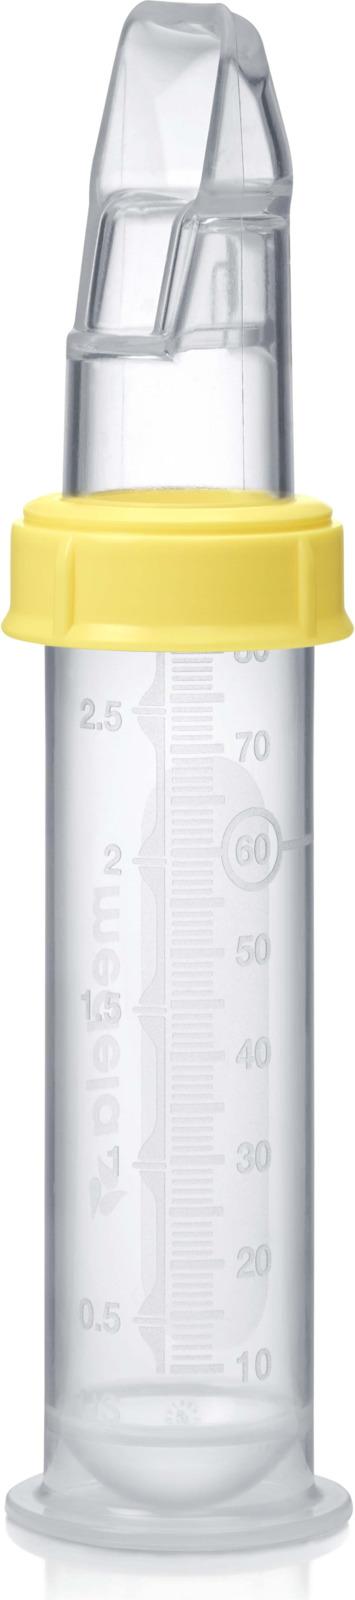 Поильник Medela SoftCup (Мягкая Ложечка), 80 мл medela чашка поильник одноразовая полипропиленовая 10 шт